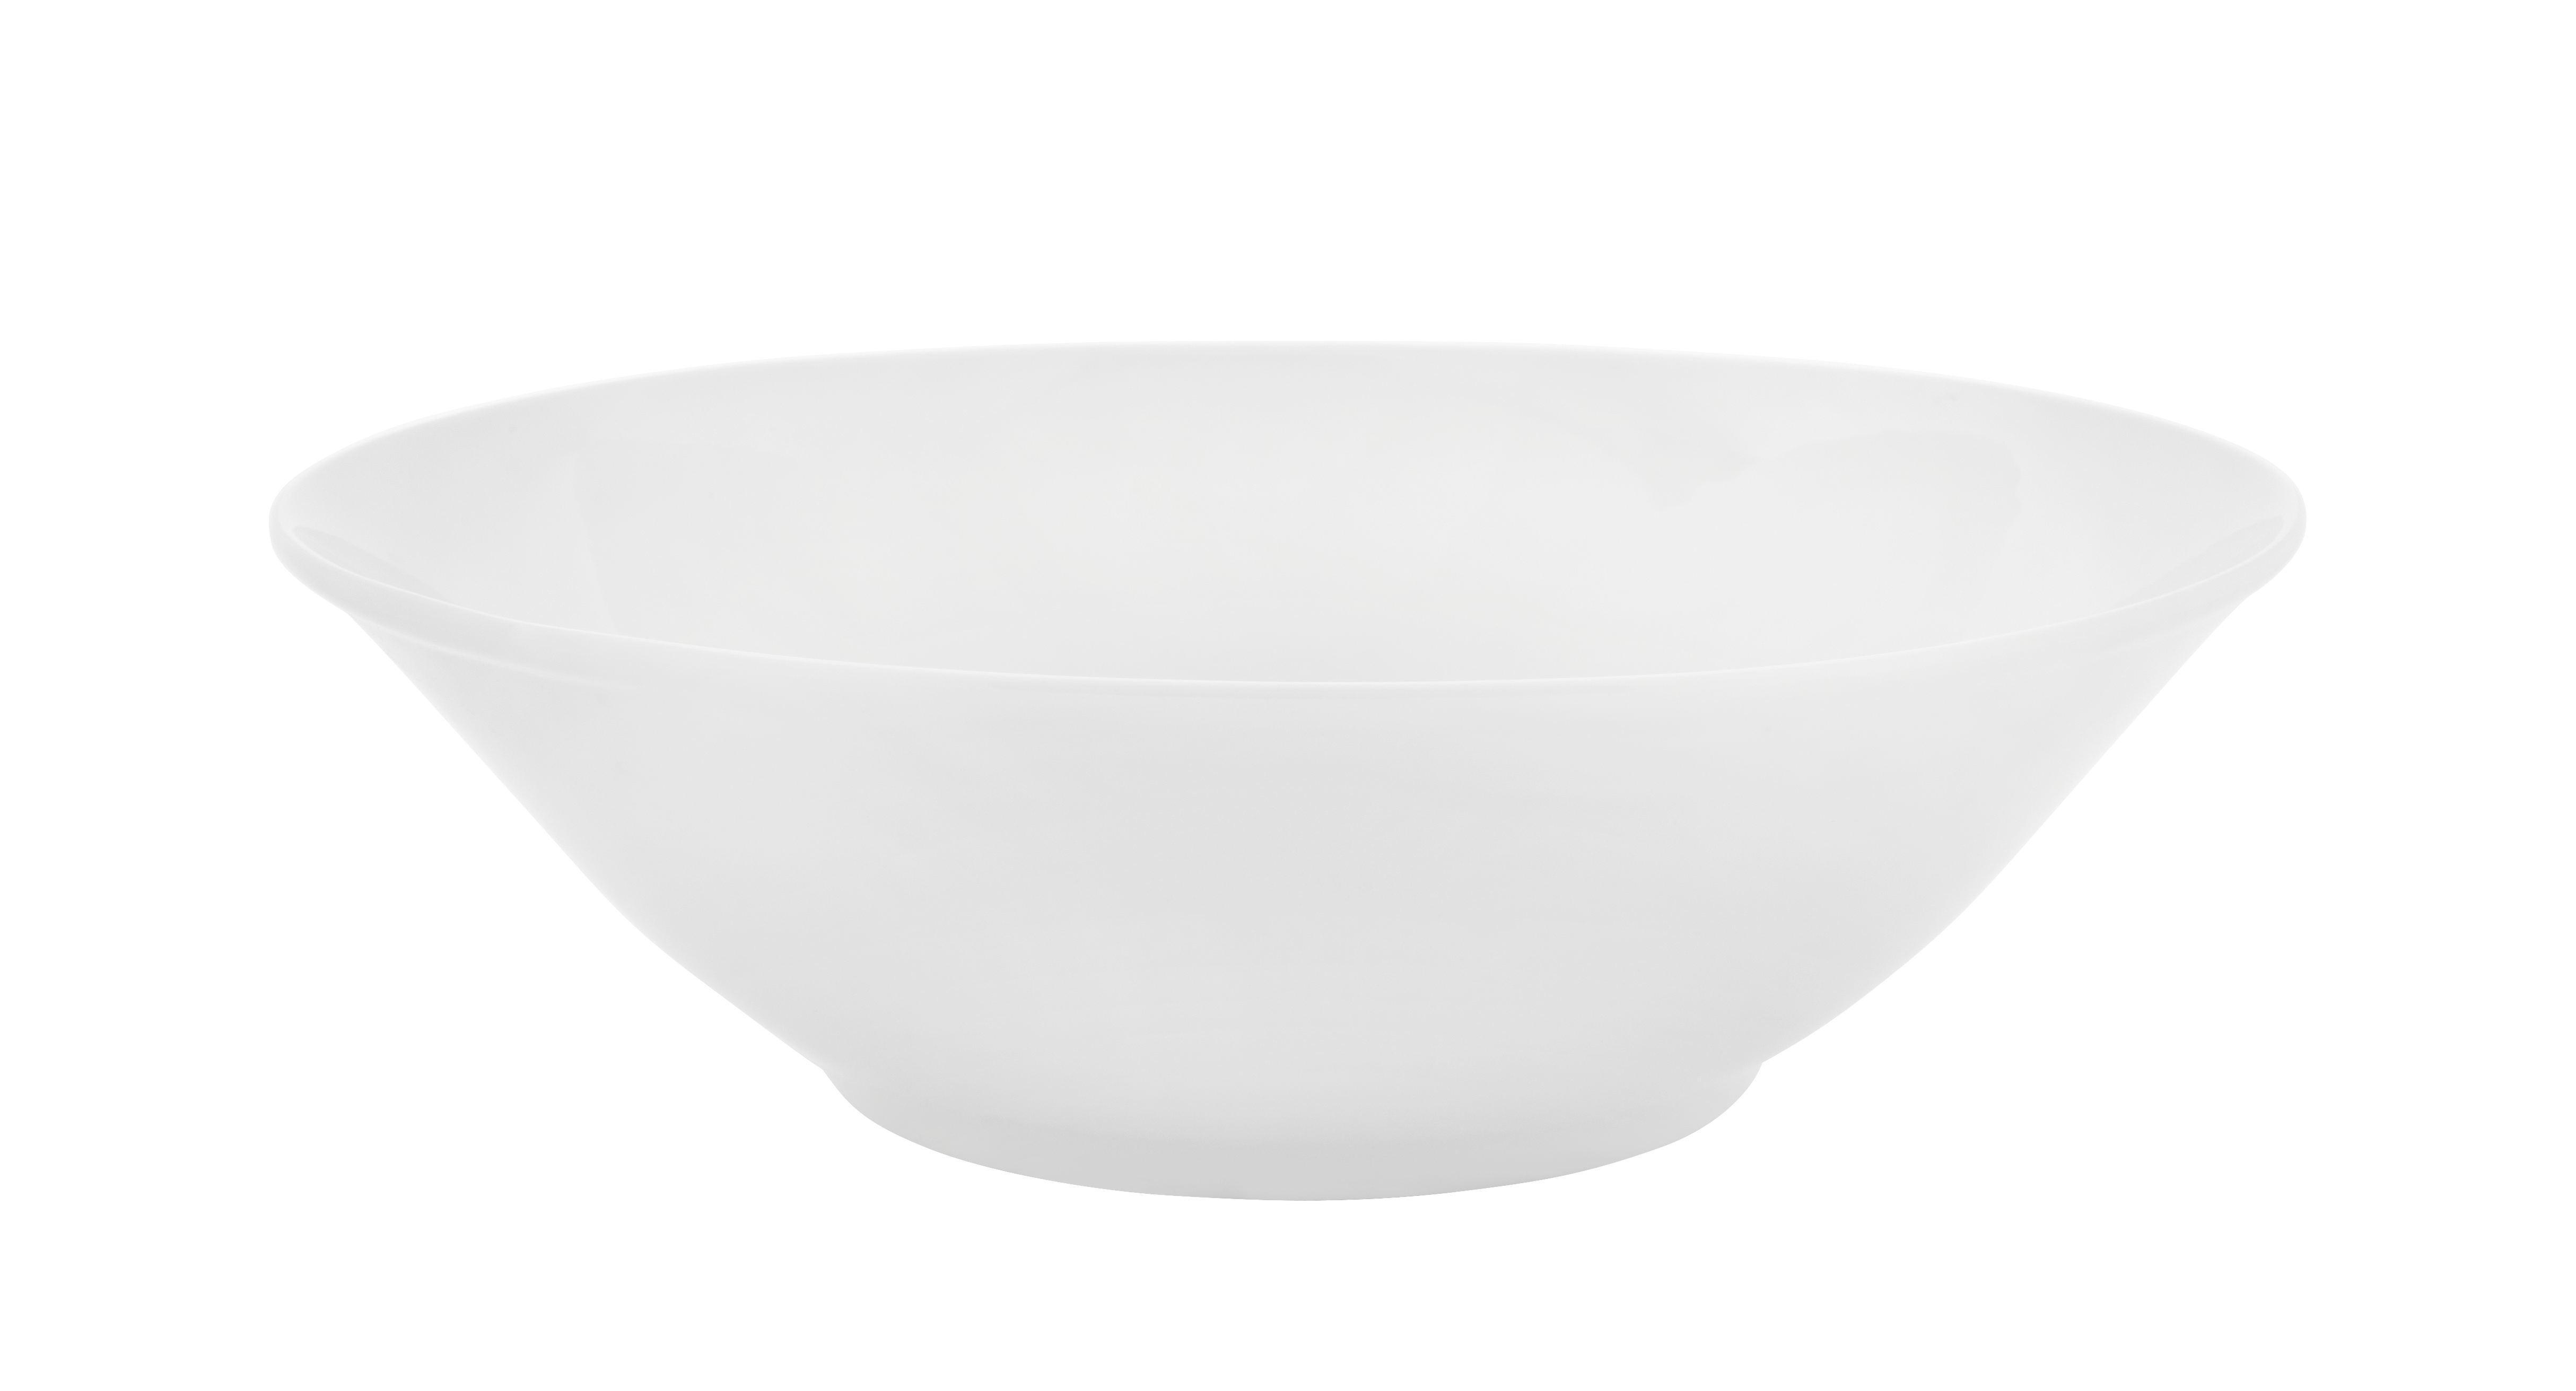 Schüssel Adria in Weiß - Weiß, KONVENTIONELL, Keramik (23cm) - MÖMAX modern living